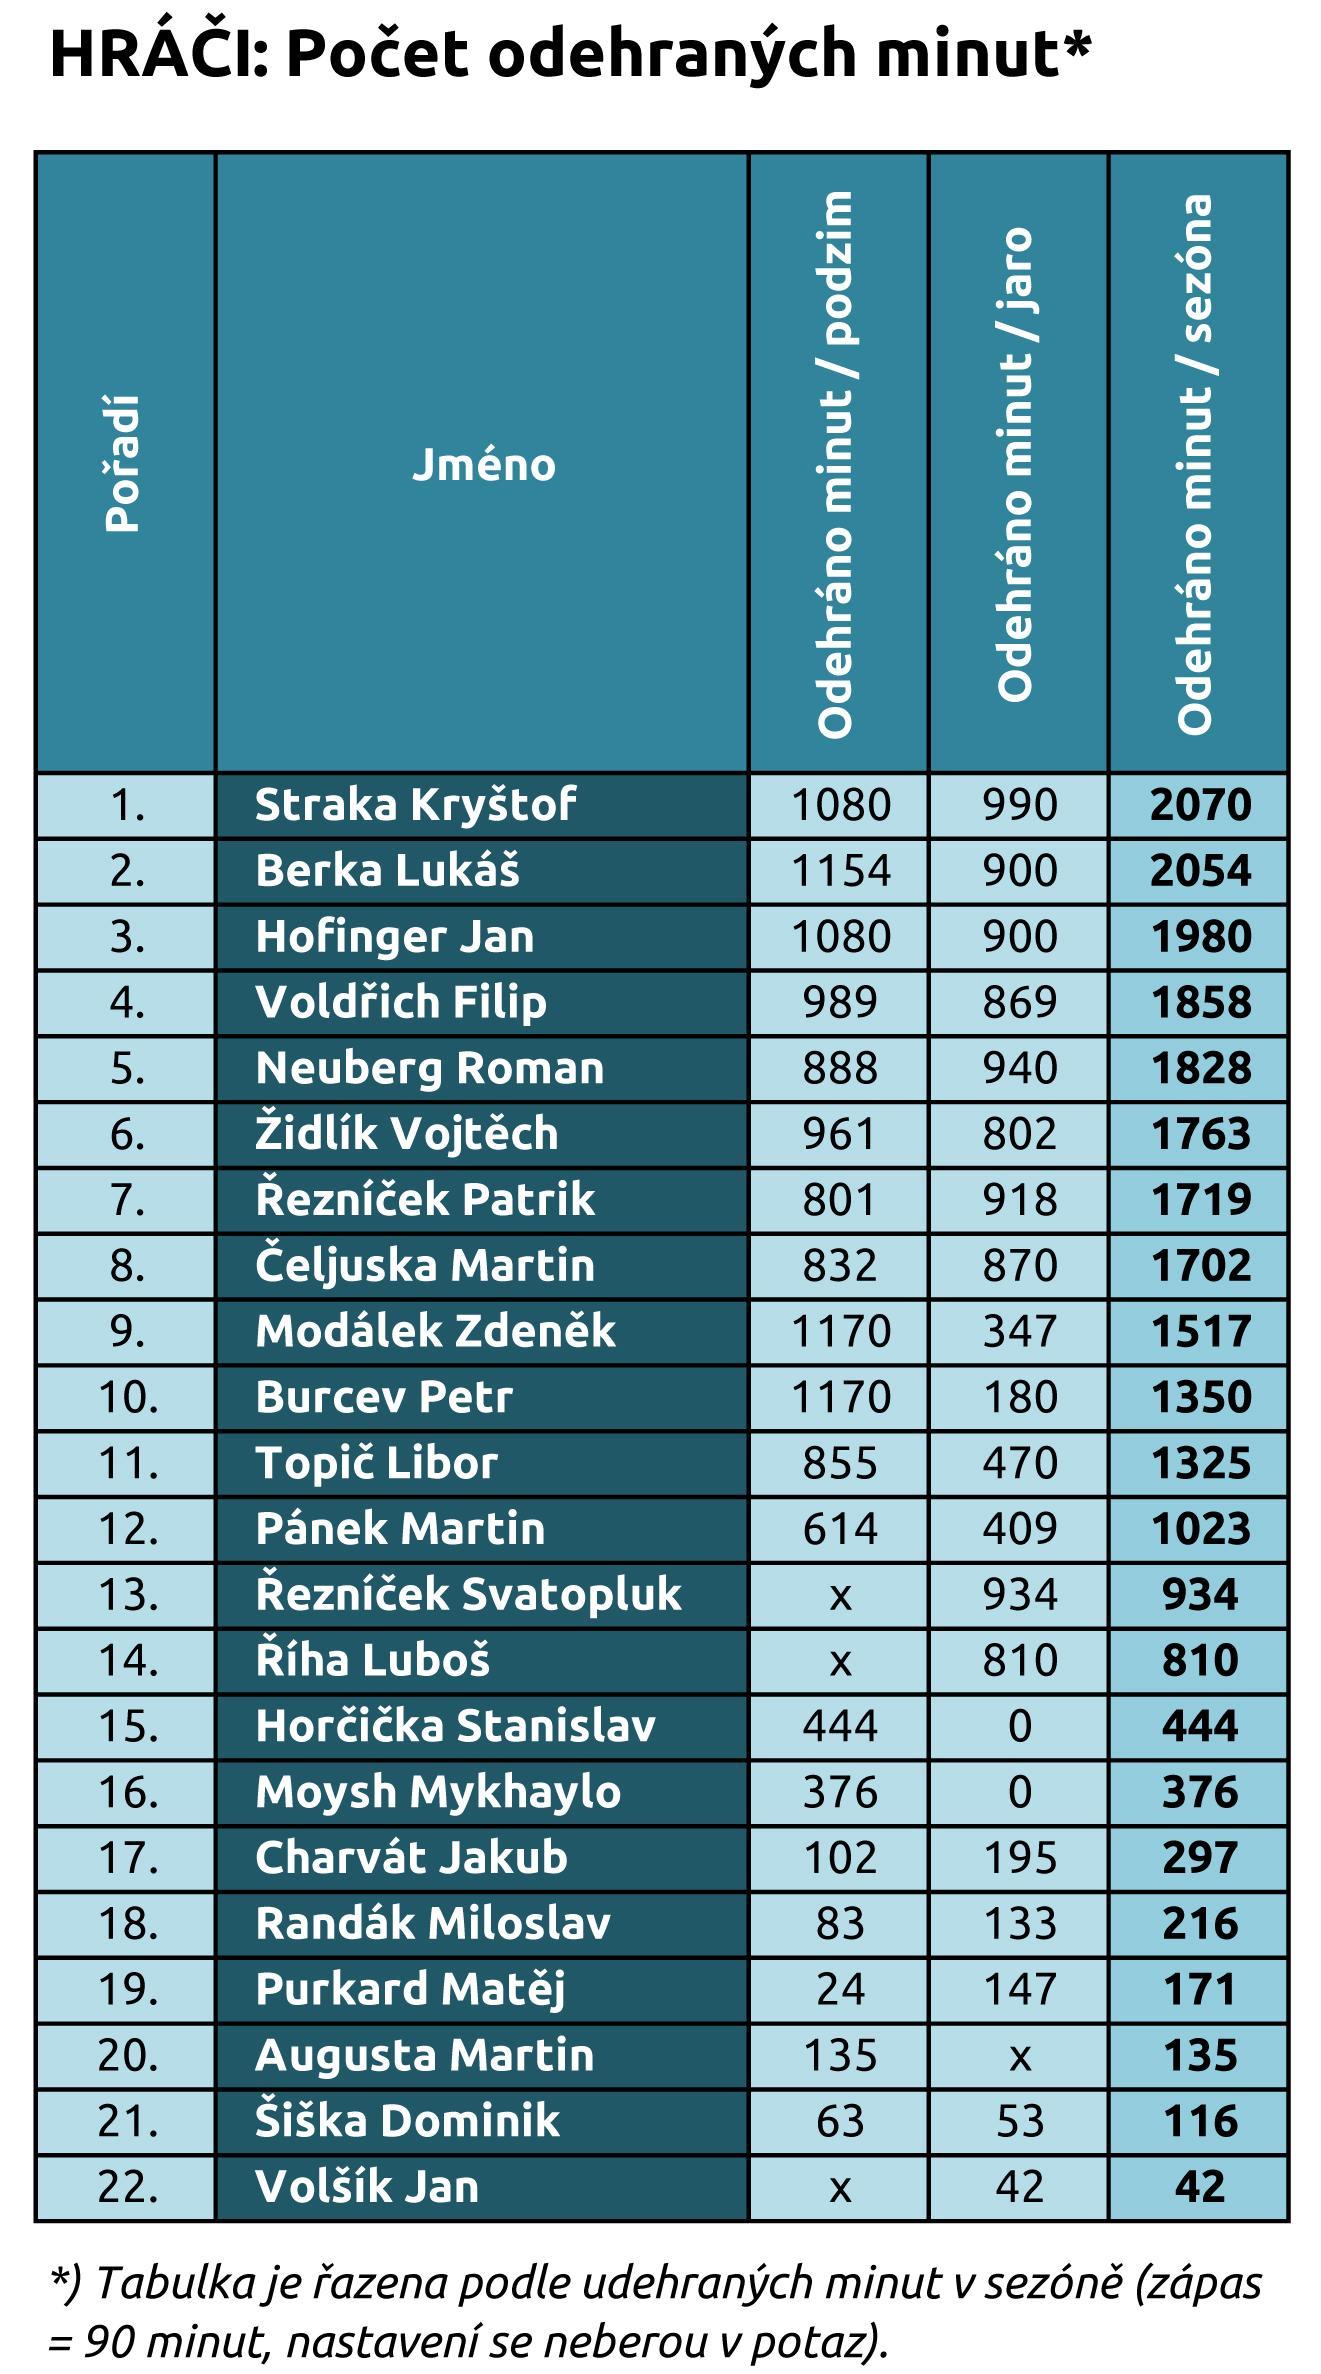 273e75a77c4 ... že střídání ve Slavoji přicházejí vždy až na konci utkání a hráči ze  dna této tabulky sbírají minuty kolikrát opravdu jen po jednotkách.